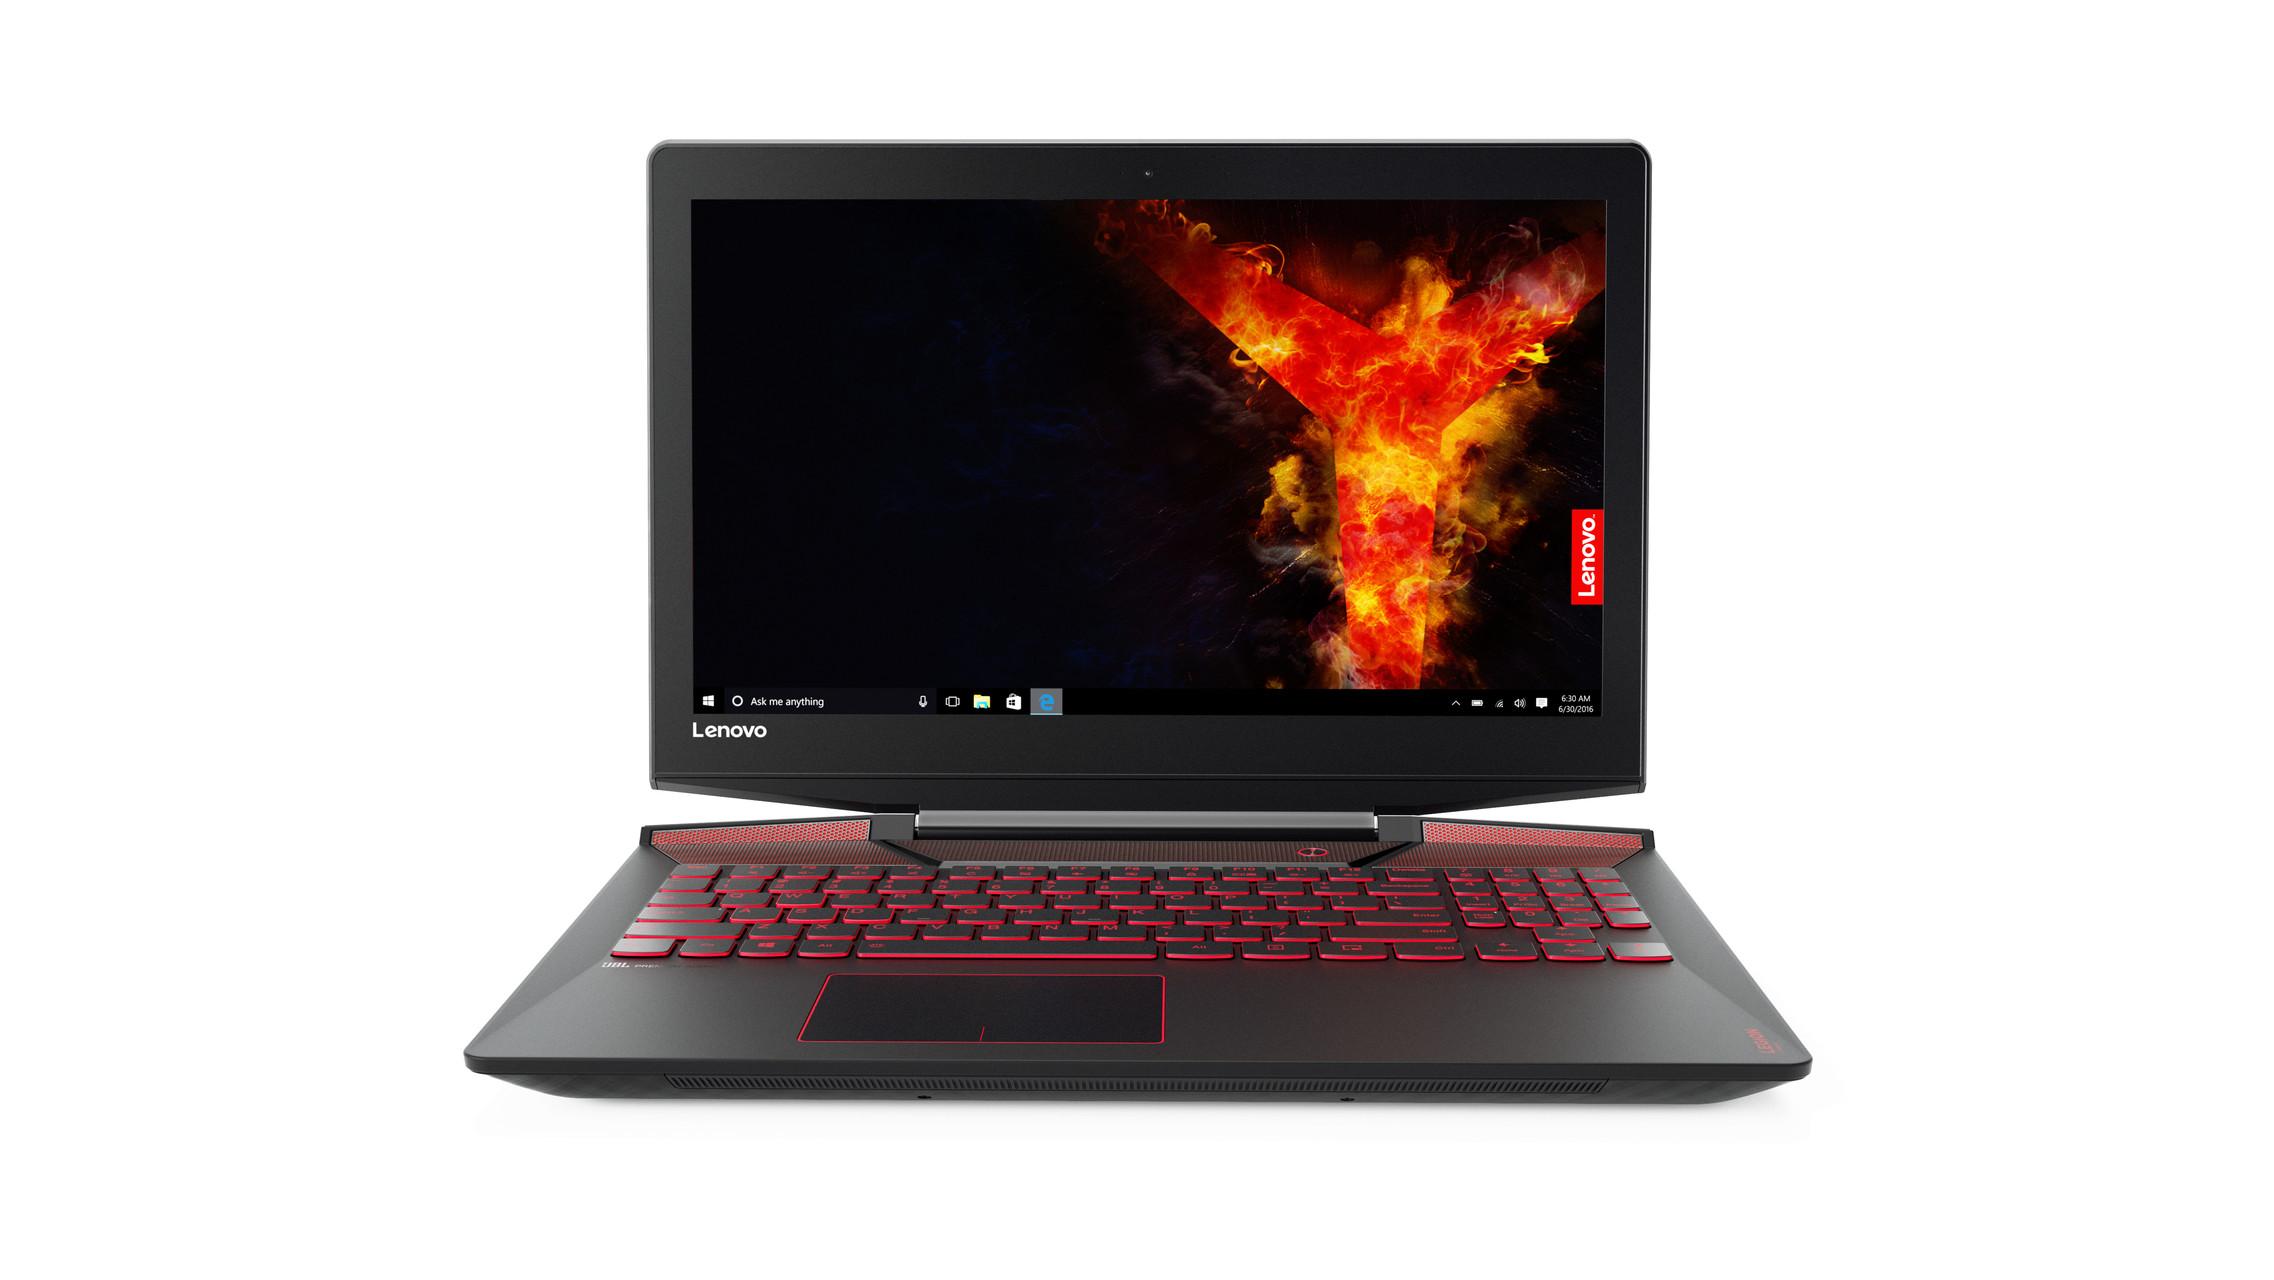 """Lenovo Legion Y720 i7-7700HQ 3,80GHz/8GB/SSD 256GB/15,6"""" FHD/IPS/AG/GeForce 6GB/WIN10 80VR0029CK"""